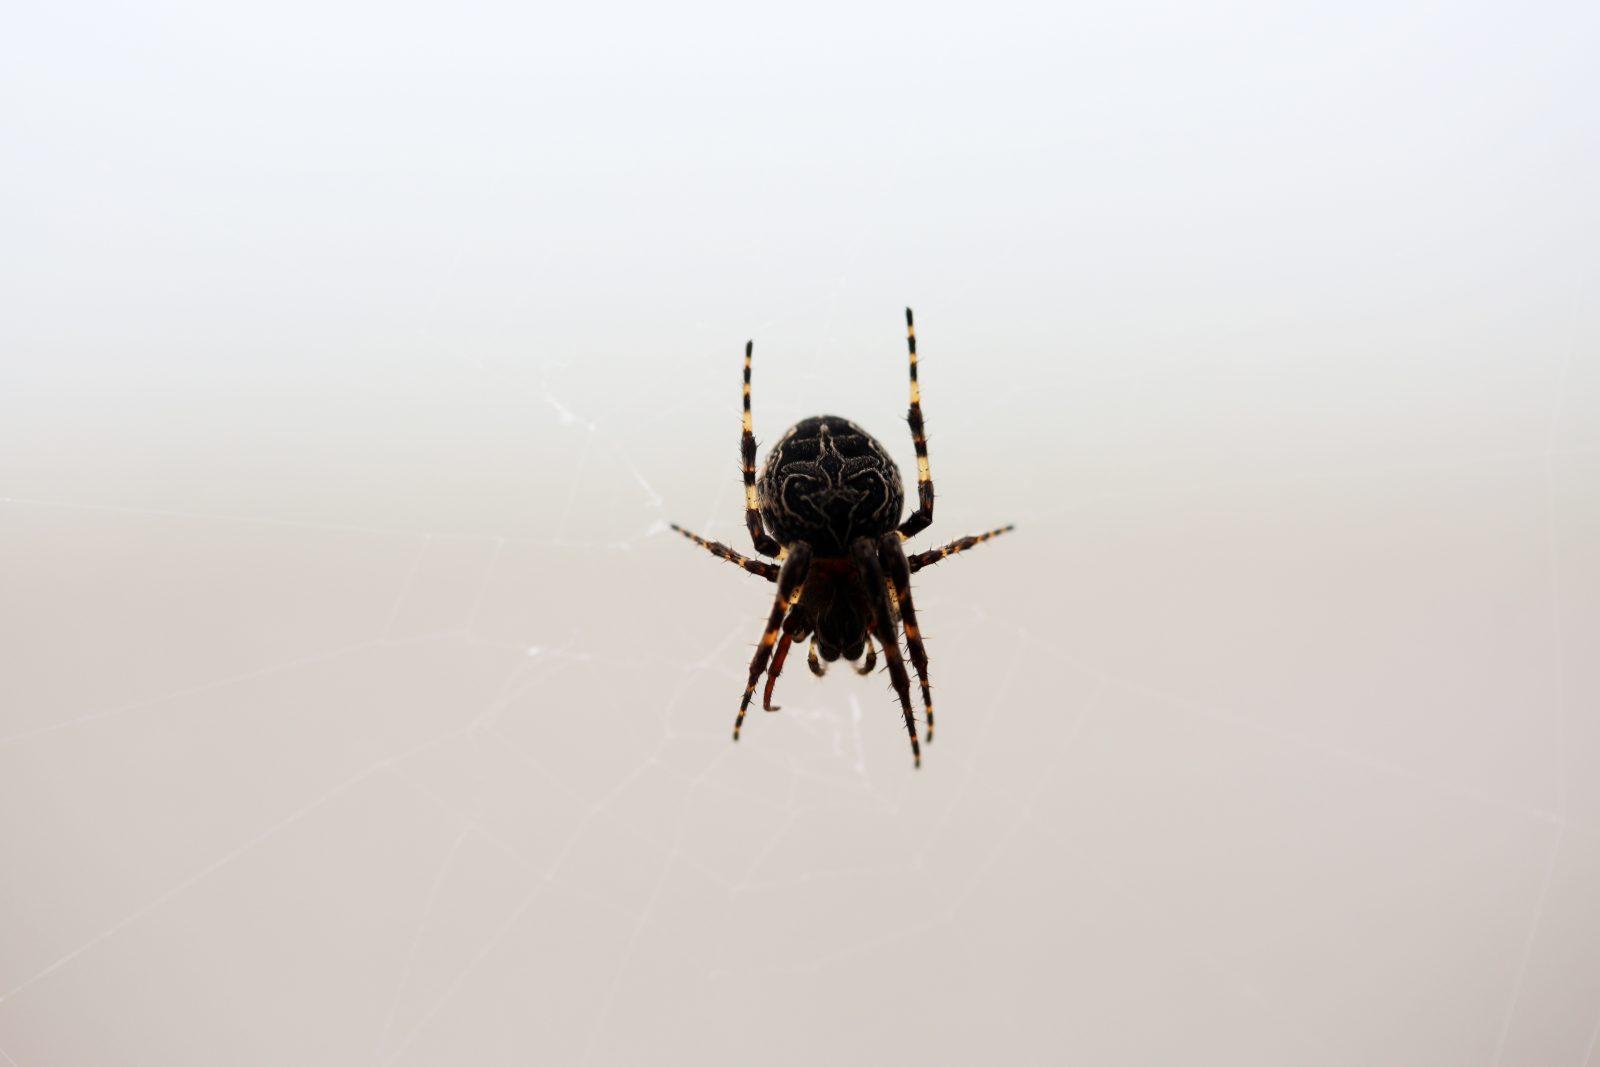 Spider Spins A Web